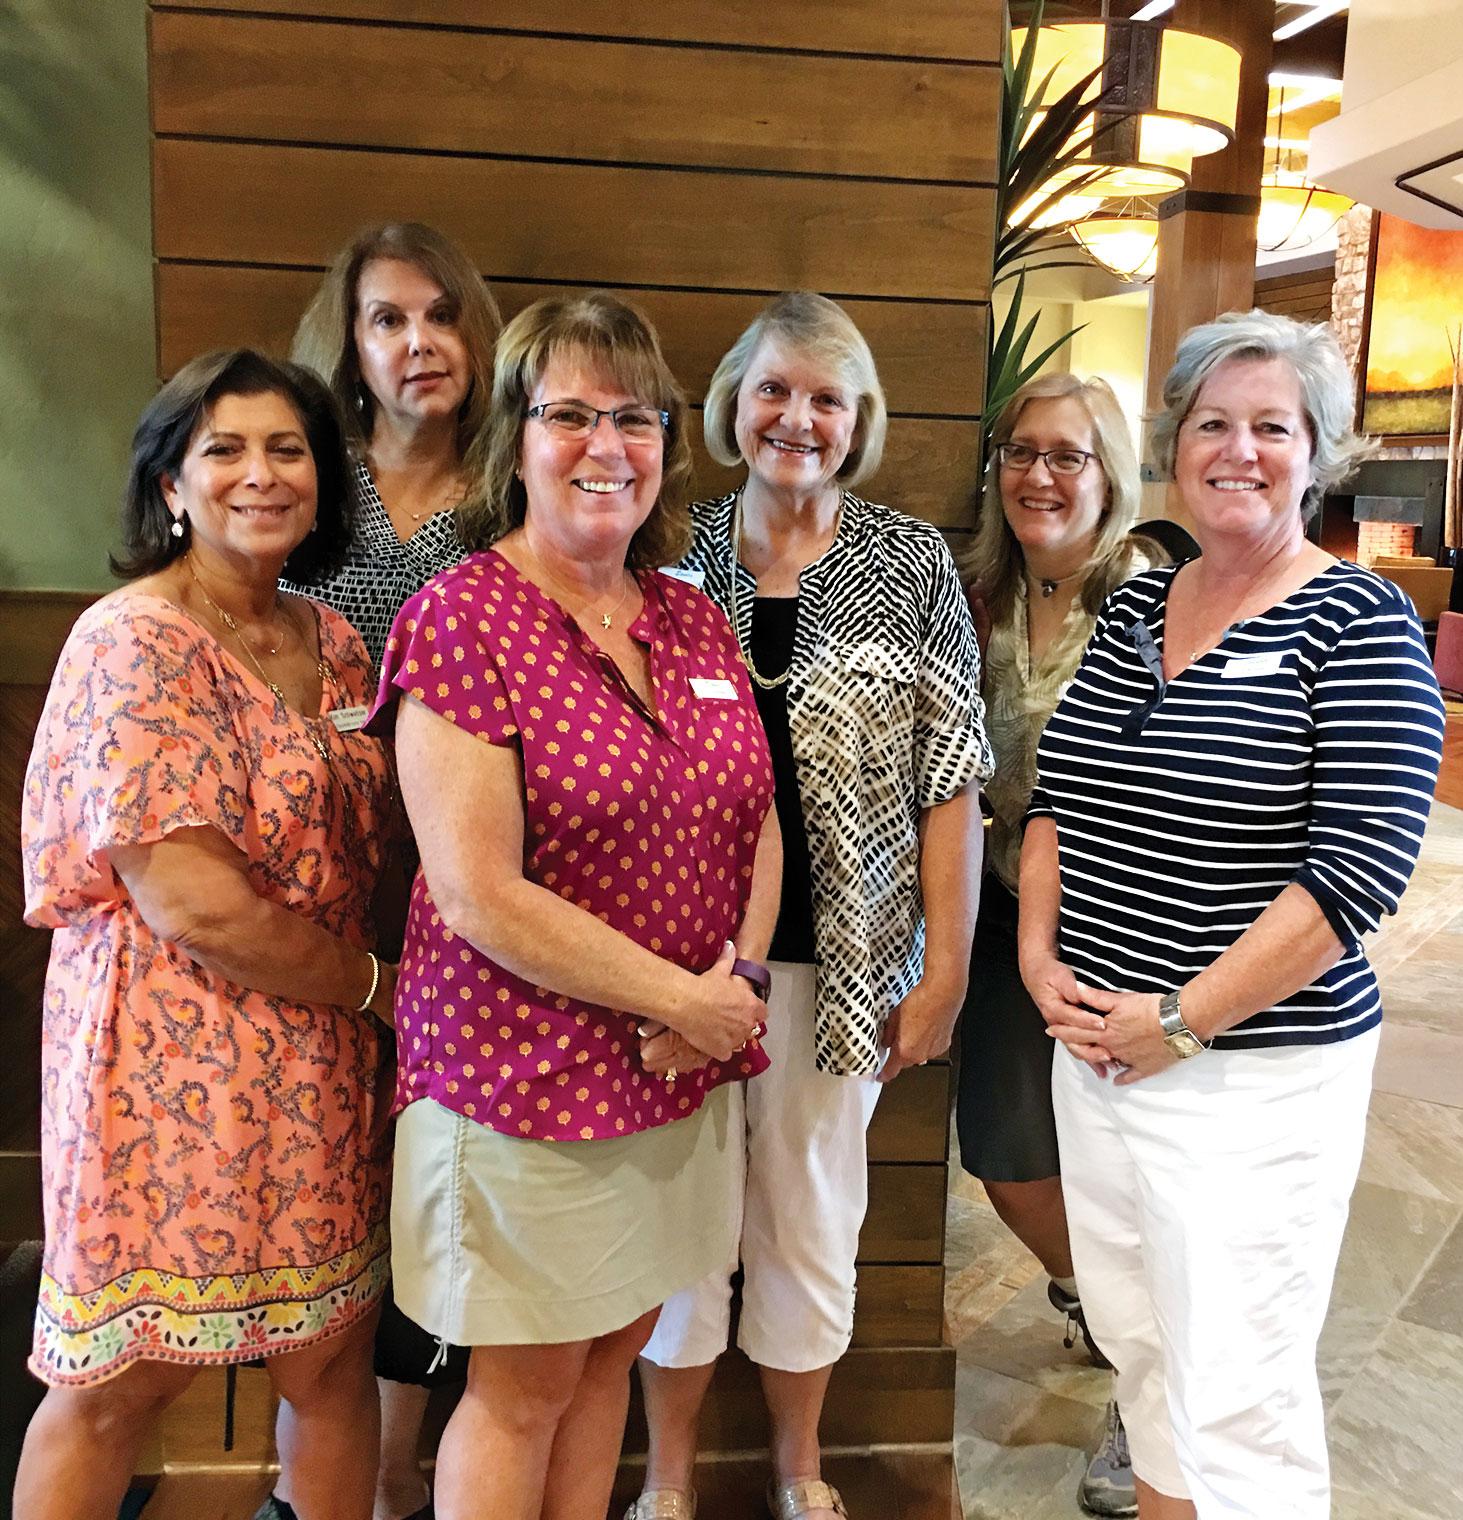 New SBR Women's Club members, left to right: Kim Schweitzer, Charlotte Eckmeyer, Sandy Schlage, Debbie Chapman, Helen Schleckser and Donna Pedota